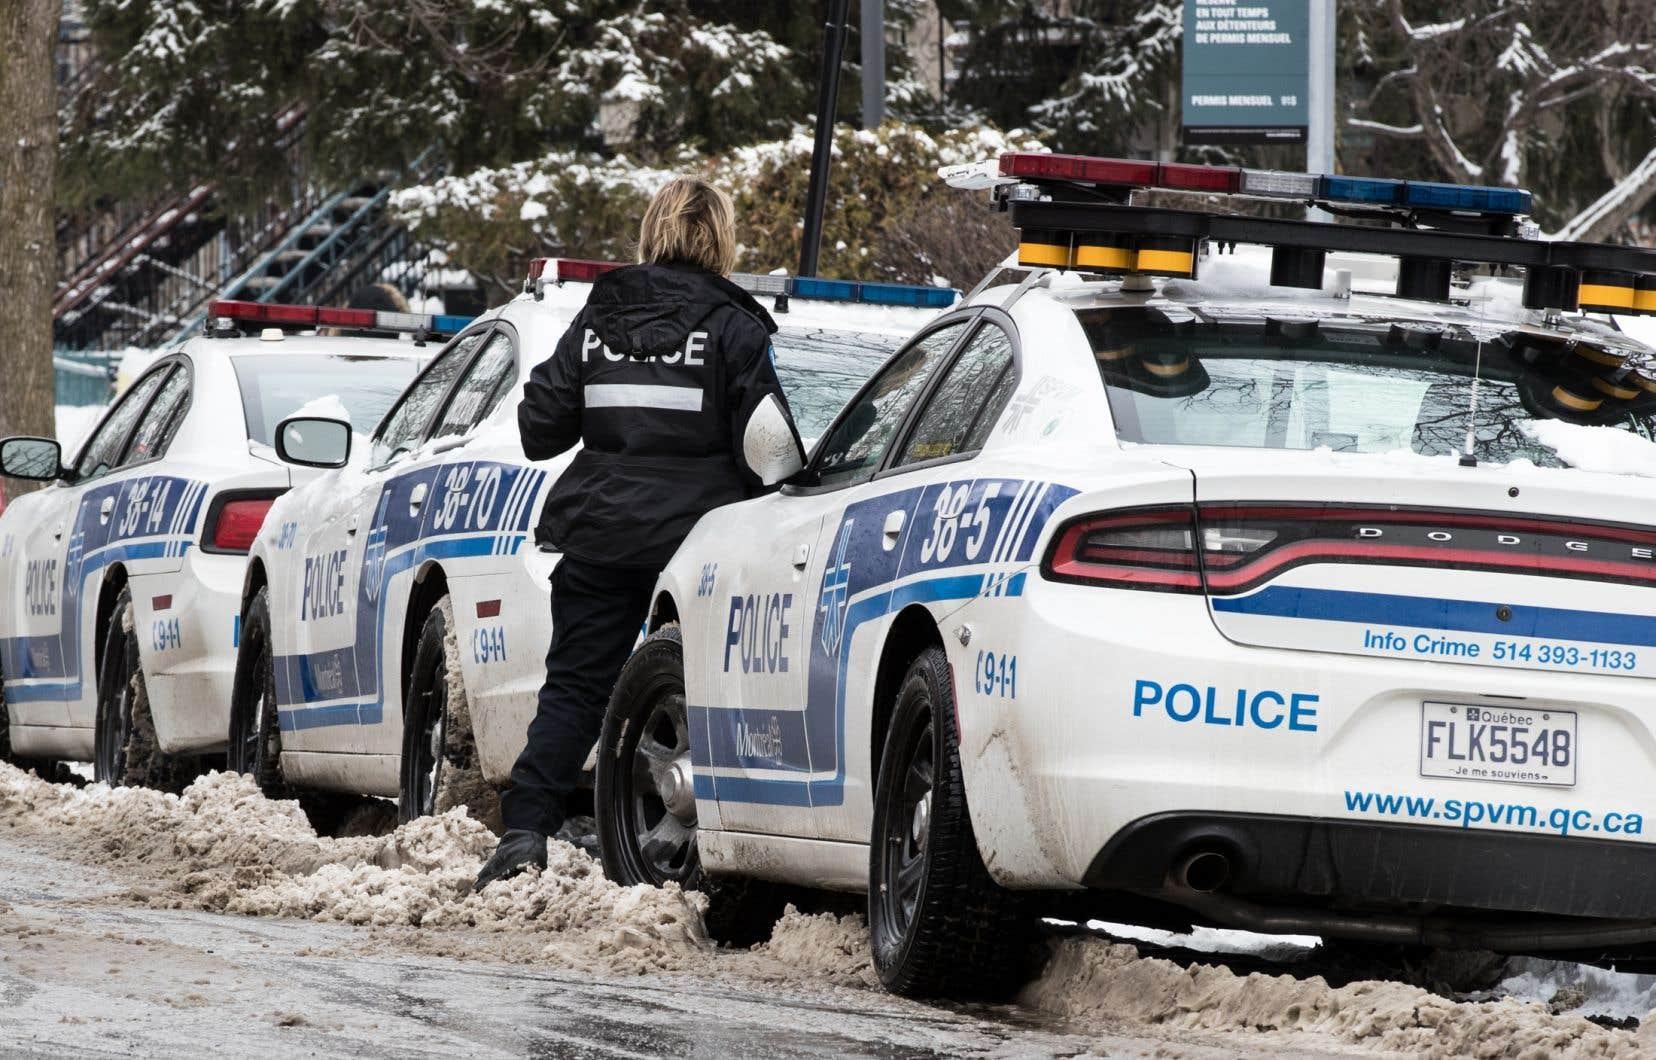 Toute personne ayant de l'information à communiquer concernant la disparition d'Ariel Jeffrey Kouakou peut le faire de façon anonyme et confidentielle avec Info-Crime Montréal au 514 393-1133 ou au 911.